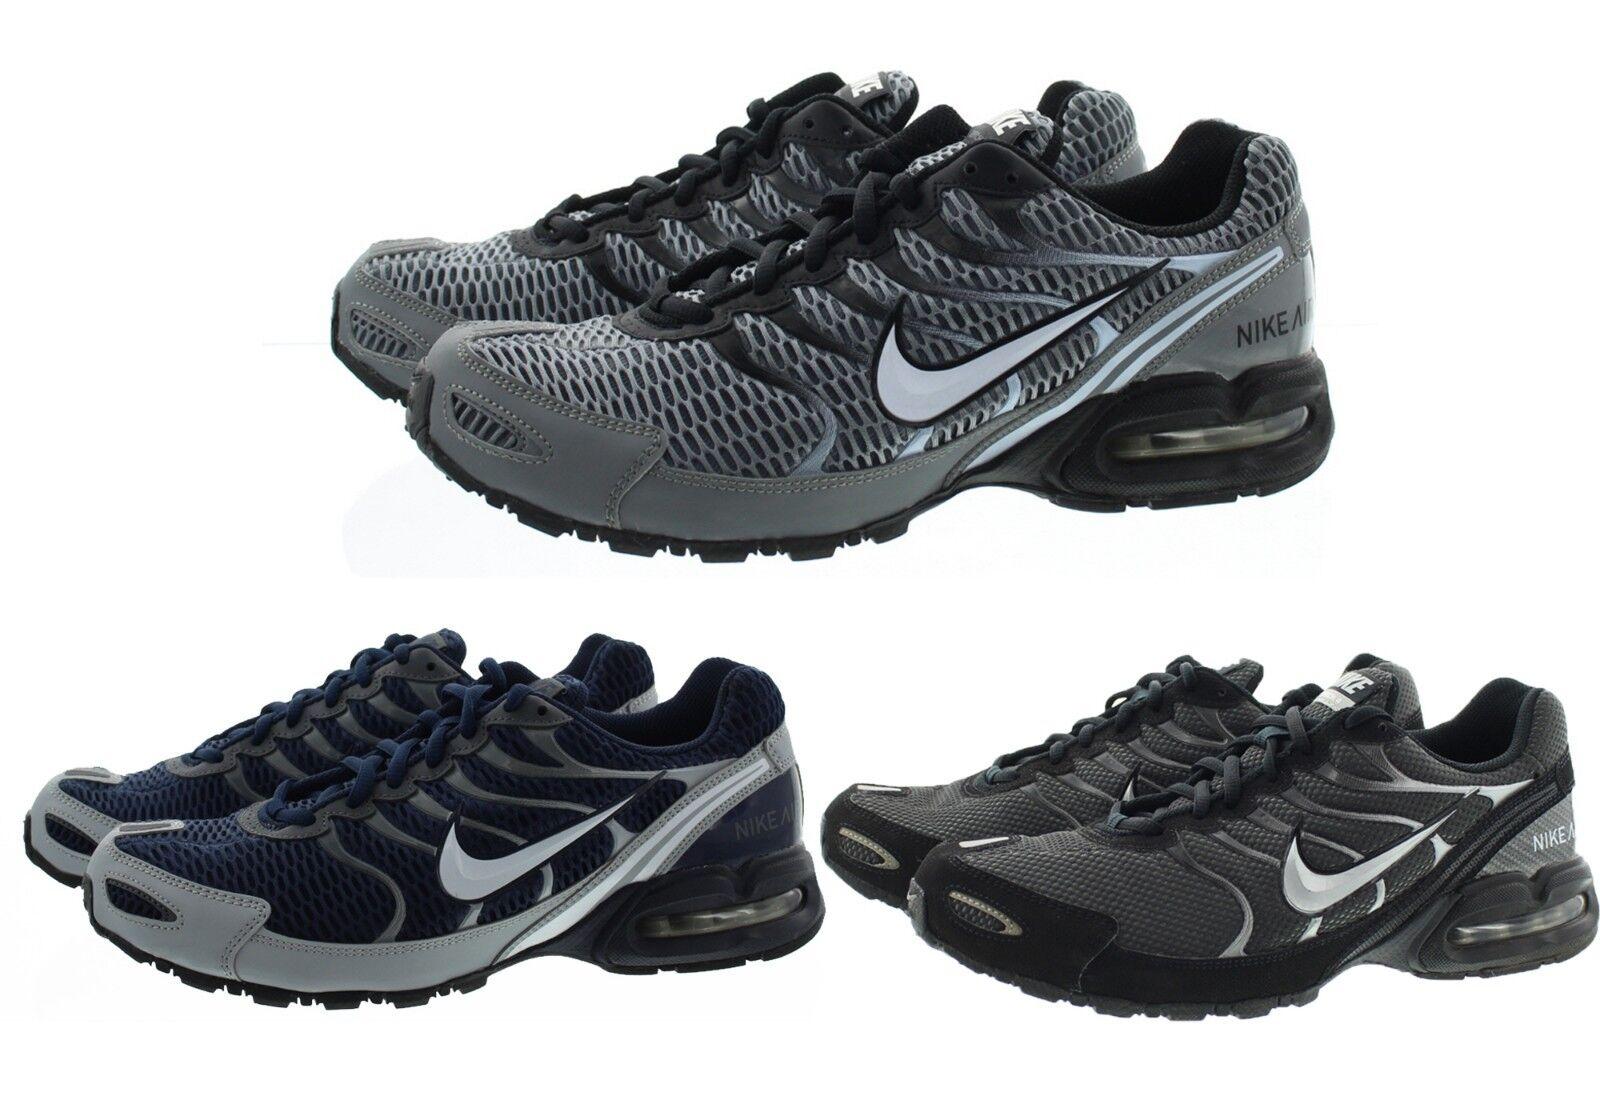 343846 Hombre nike air max antorcha 4 Low Top running running Top Athletic Shoes zapatillas modelo mas vendido de la marca bbdb04